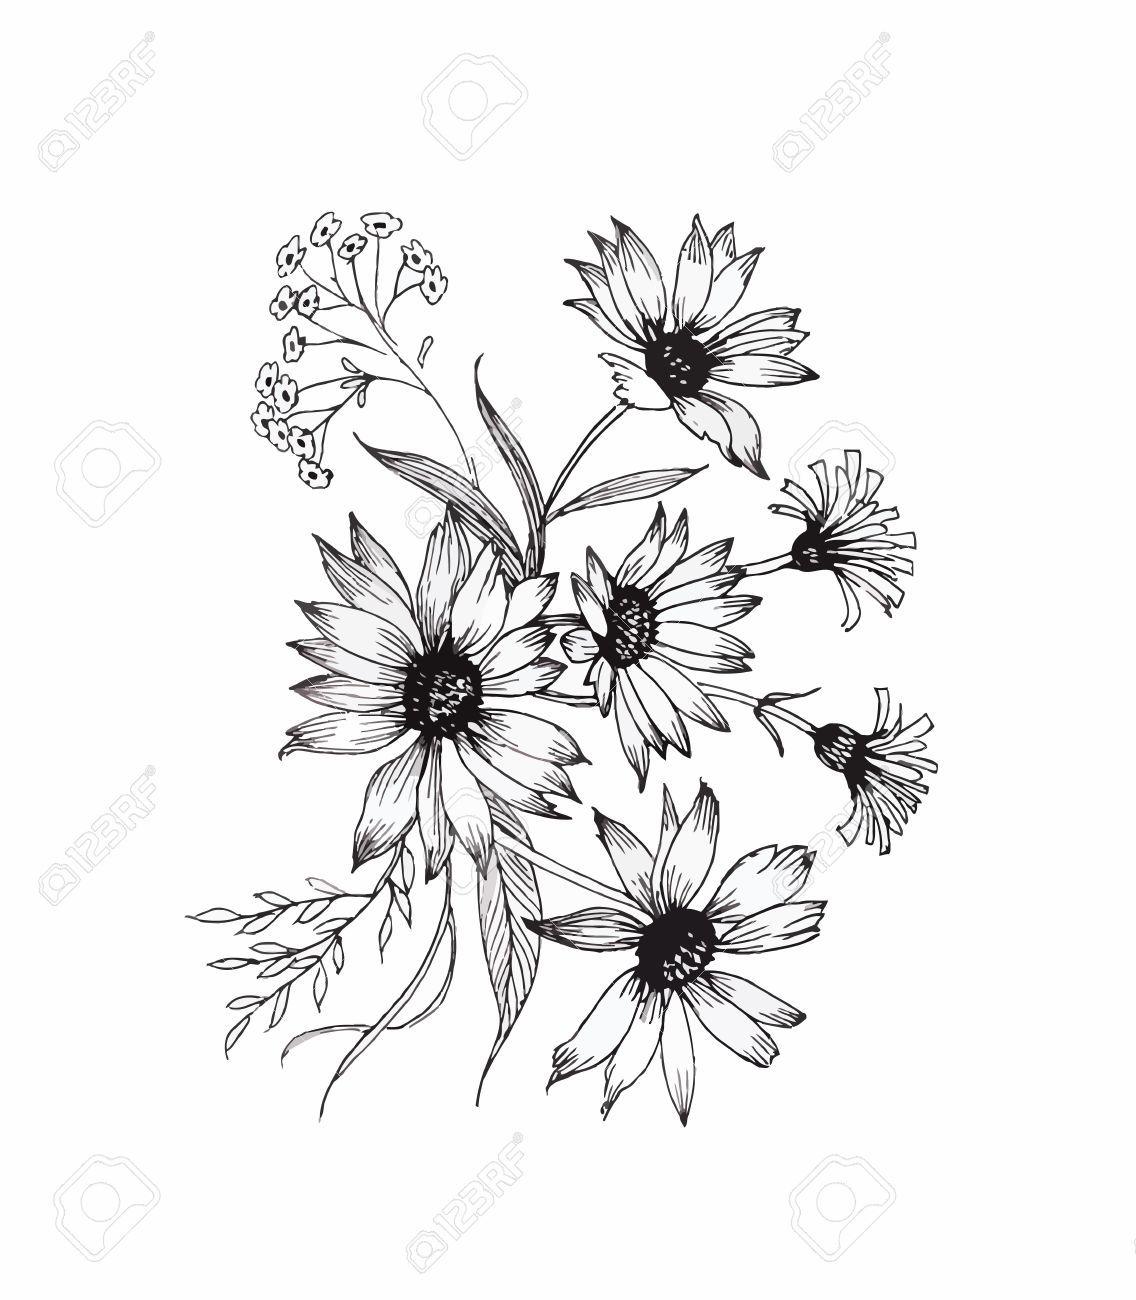 Dessin De Fleur En Noir Et Blanc Tatouage Clés Dessin Fleur